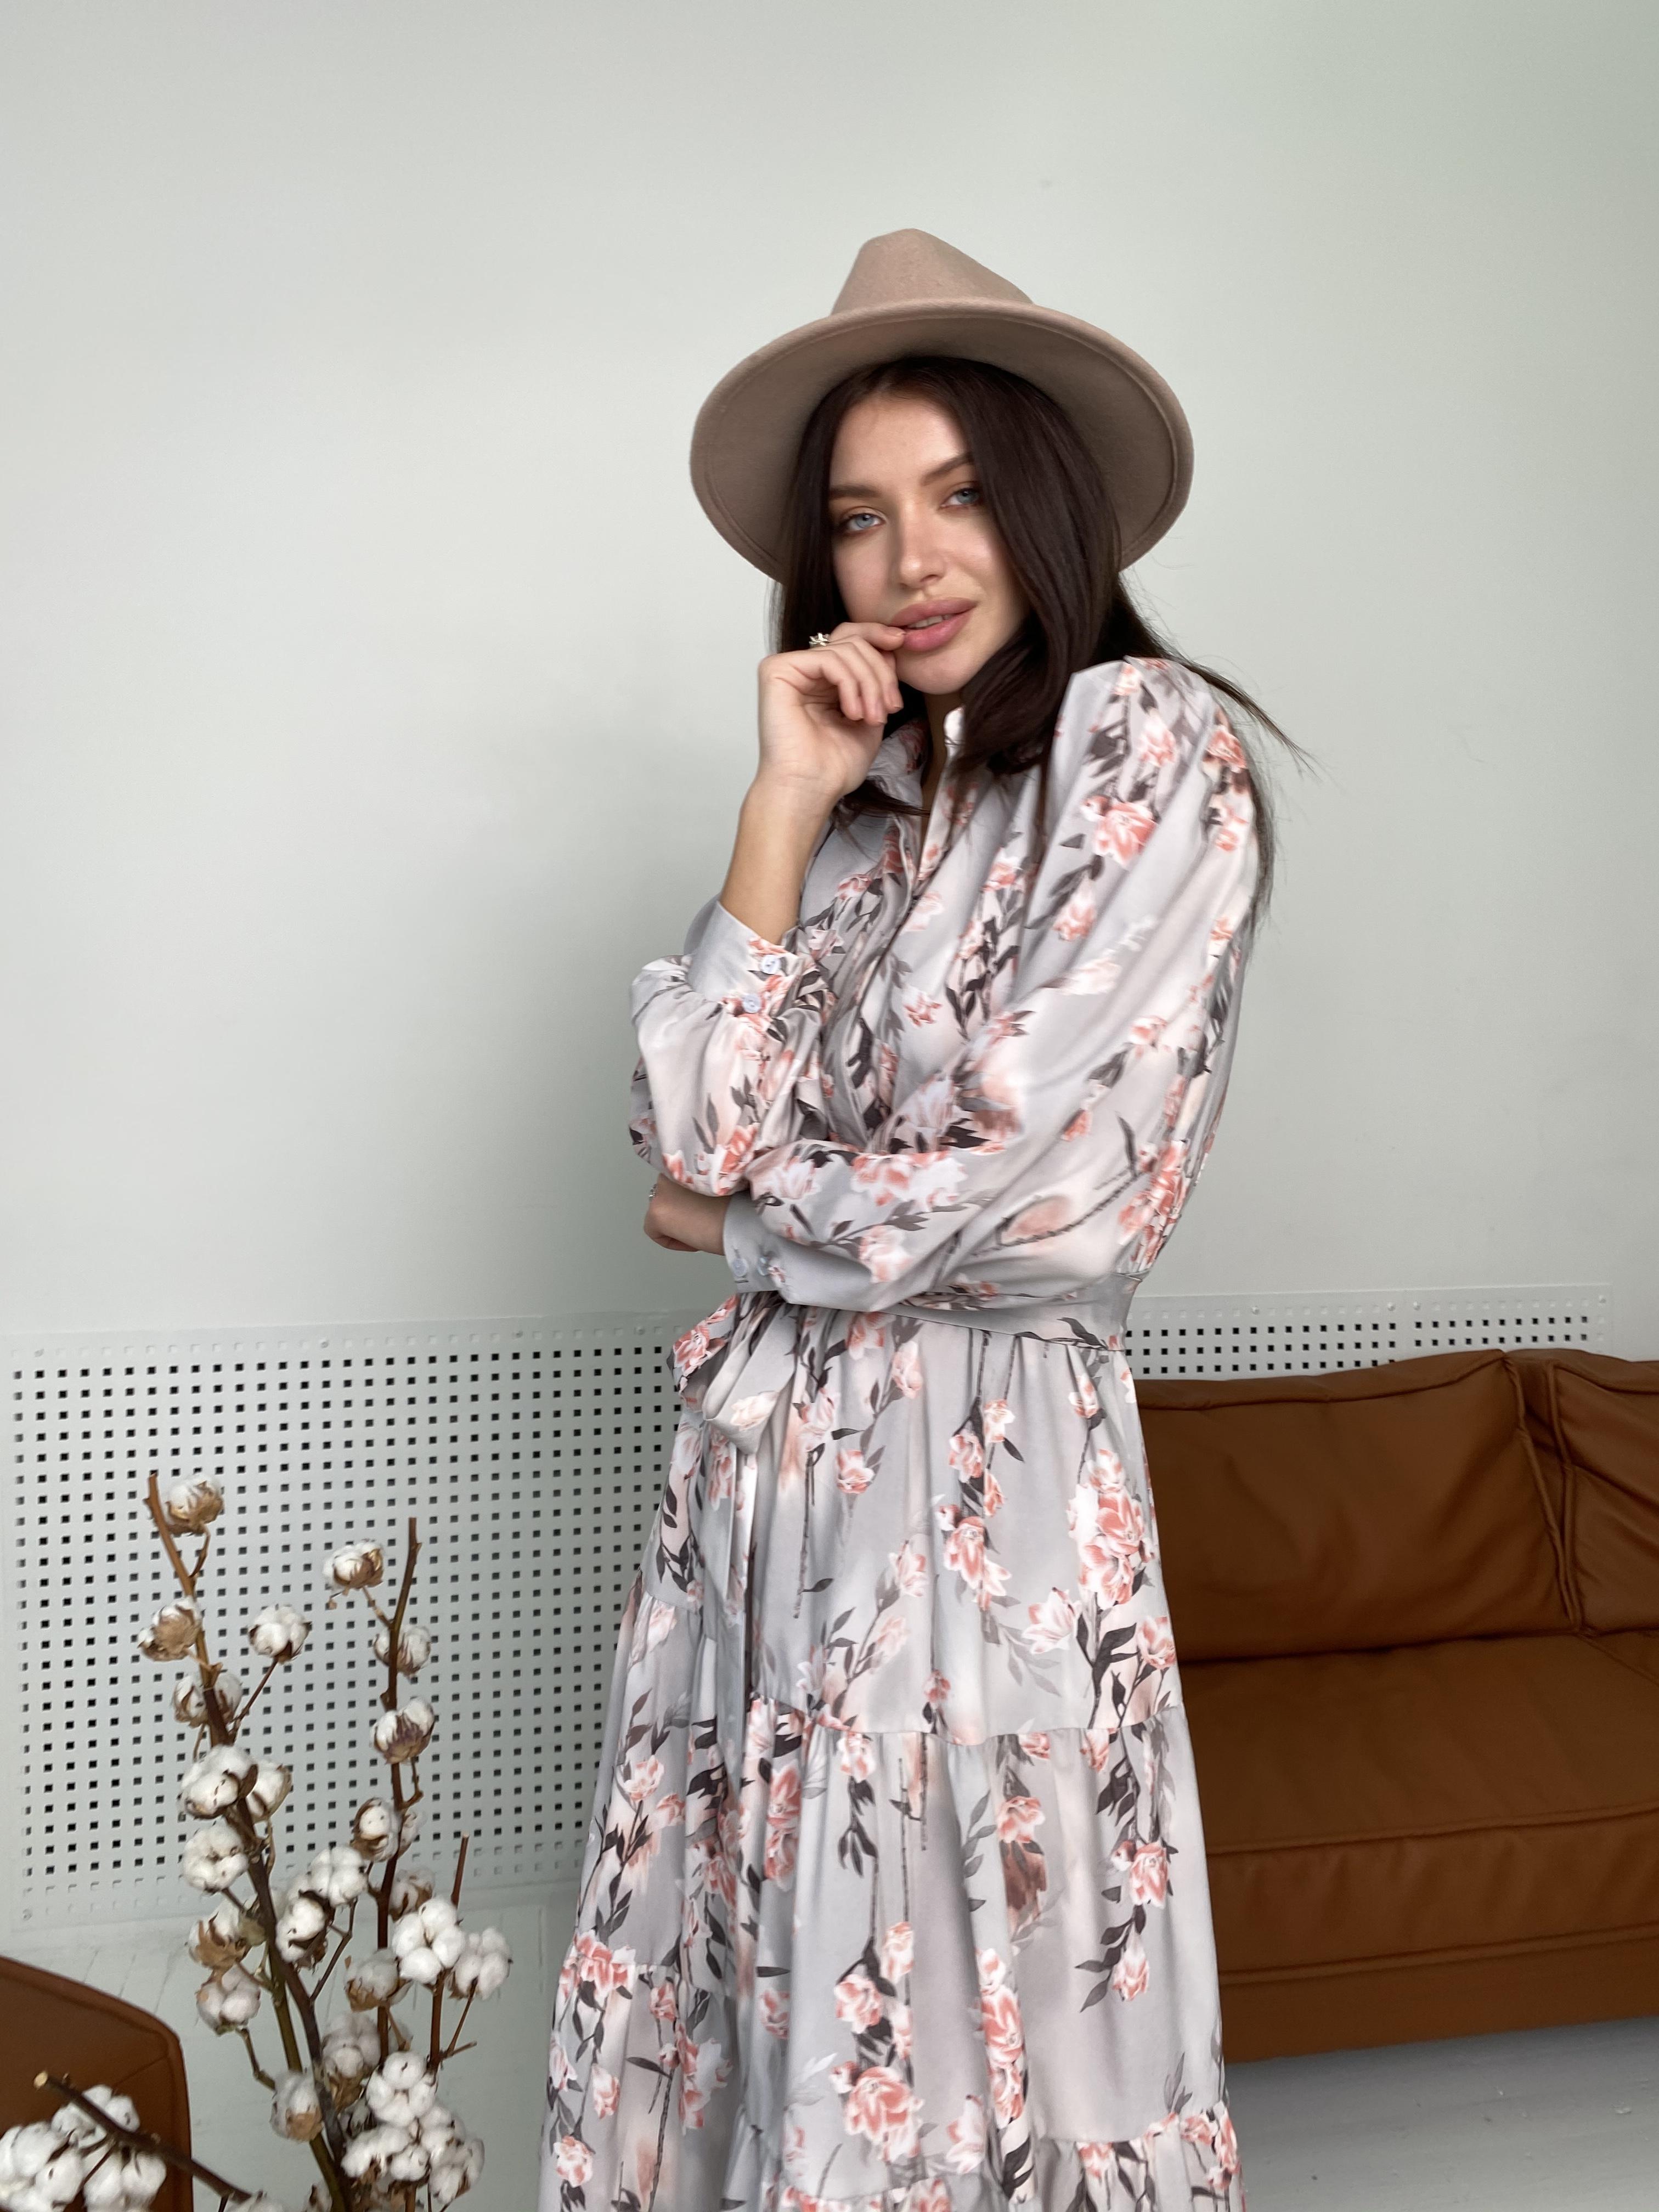 Лилия платье в цветочный принт 9712 АРТ. 46015 Цвет: Цветы кр/цепи Молоко/пудра - фото 1, интернет магазин tm-modus.ru